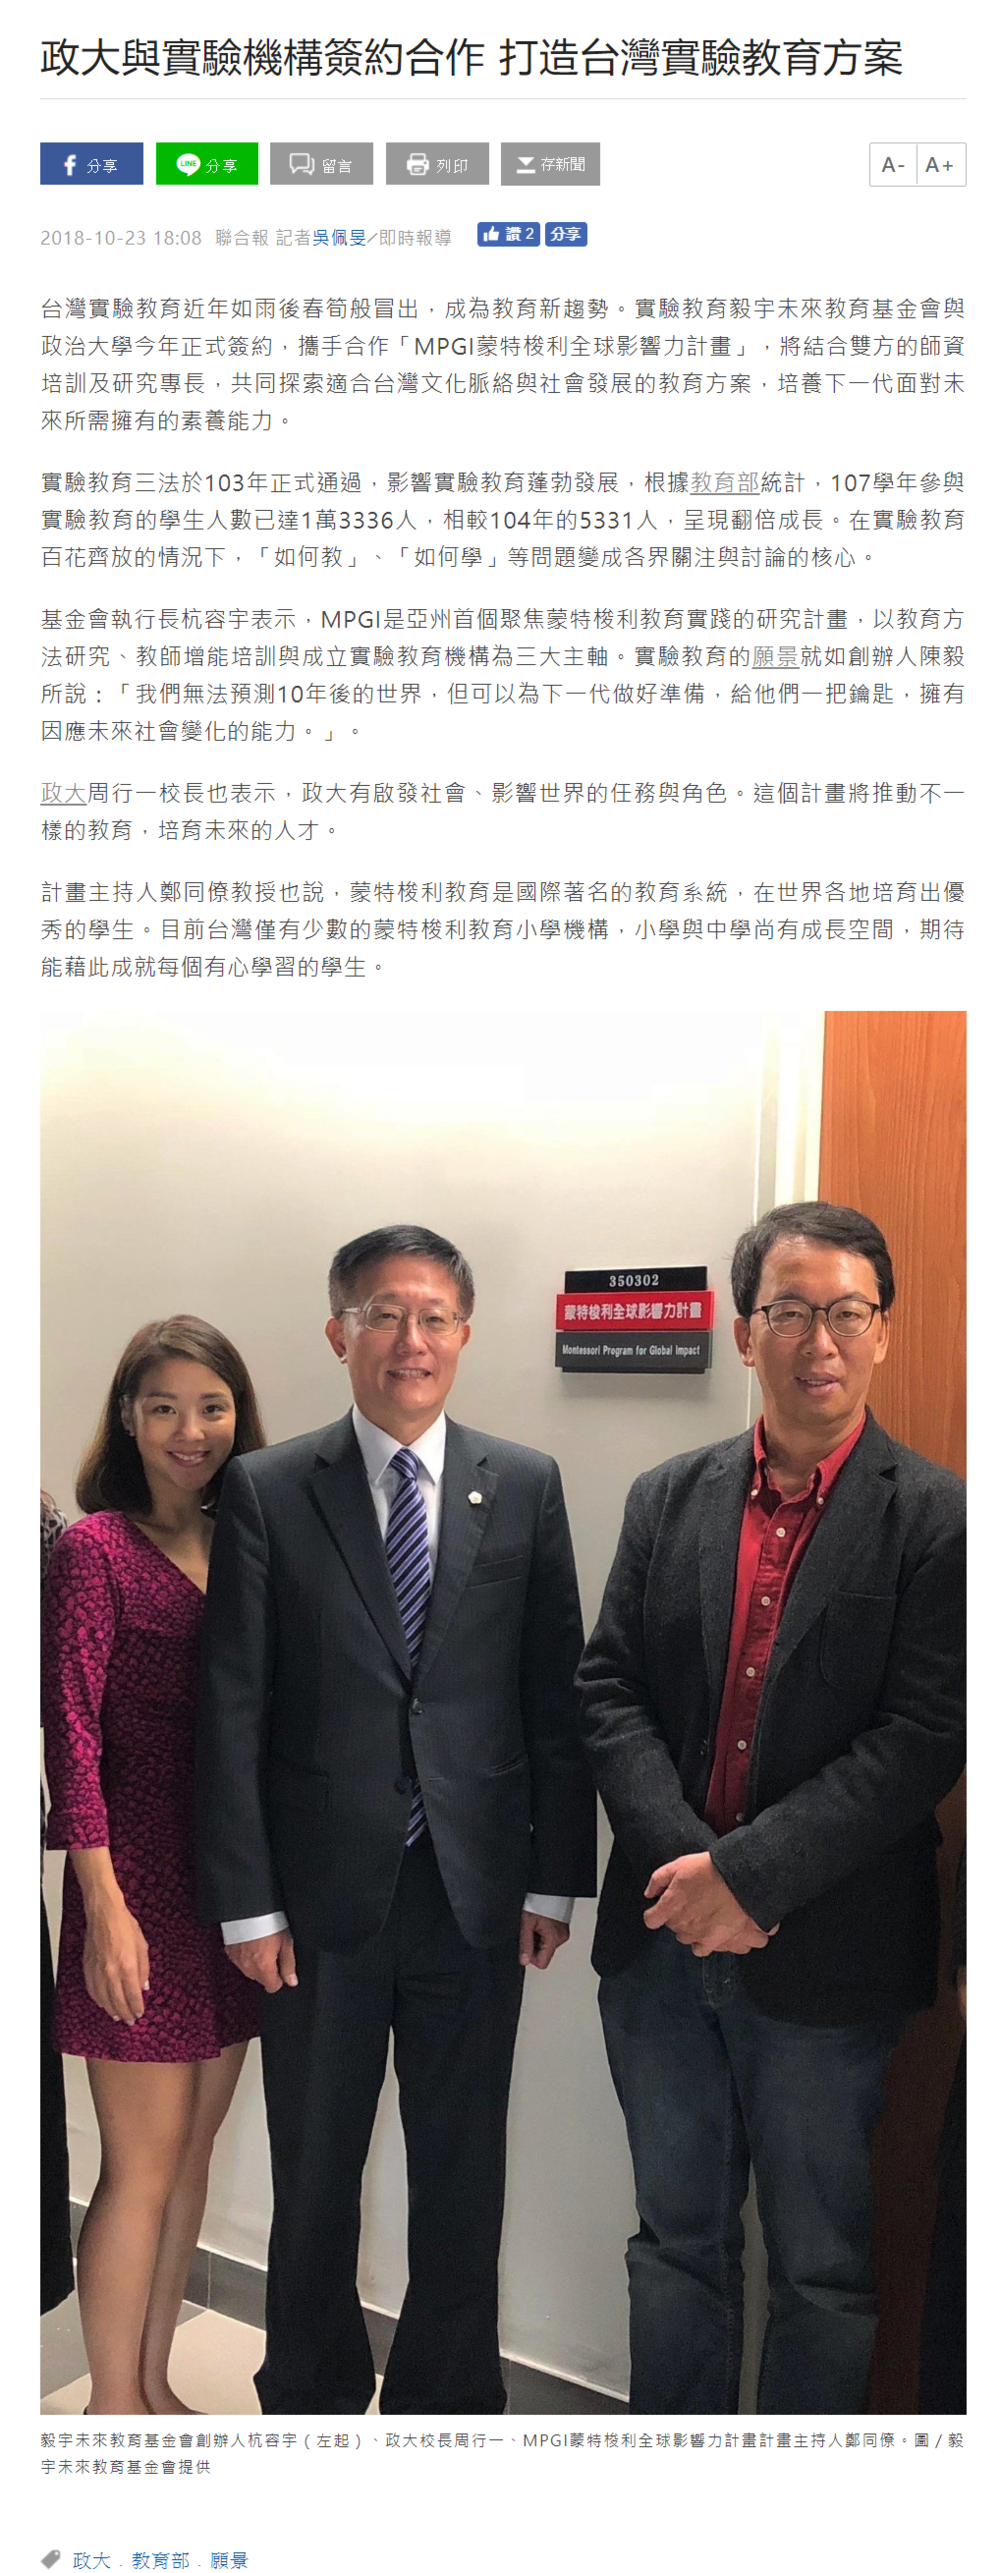 20181023_MPGI簽約_聯合報_毅宇基金會_y2edu.png